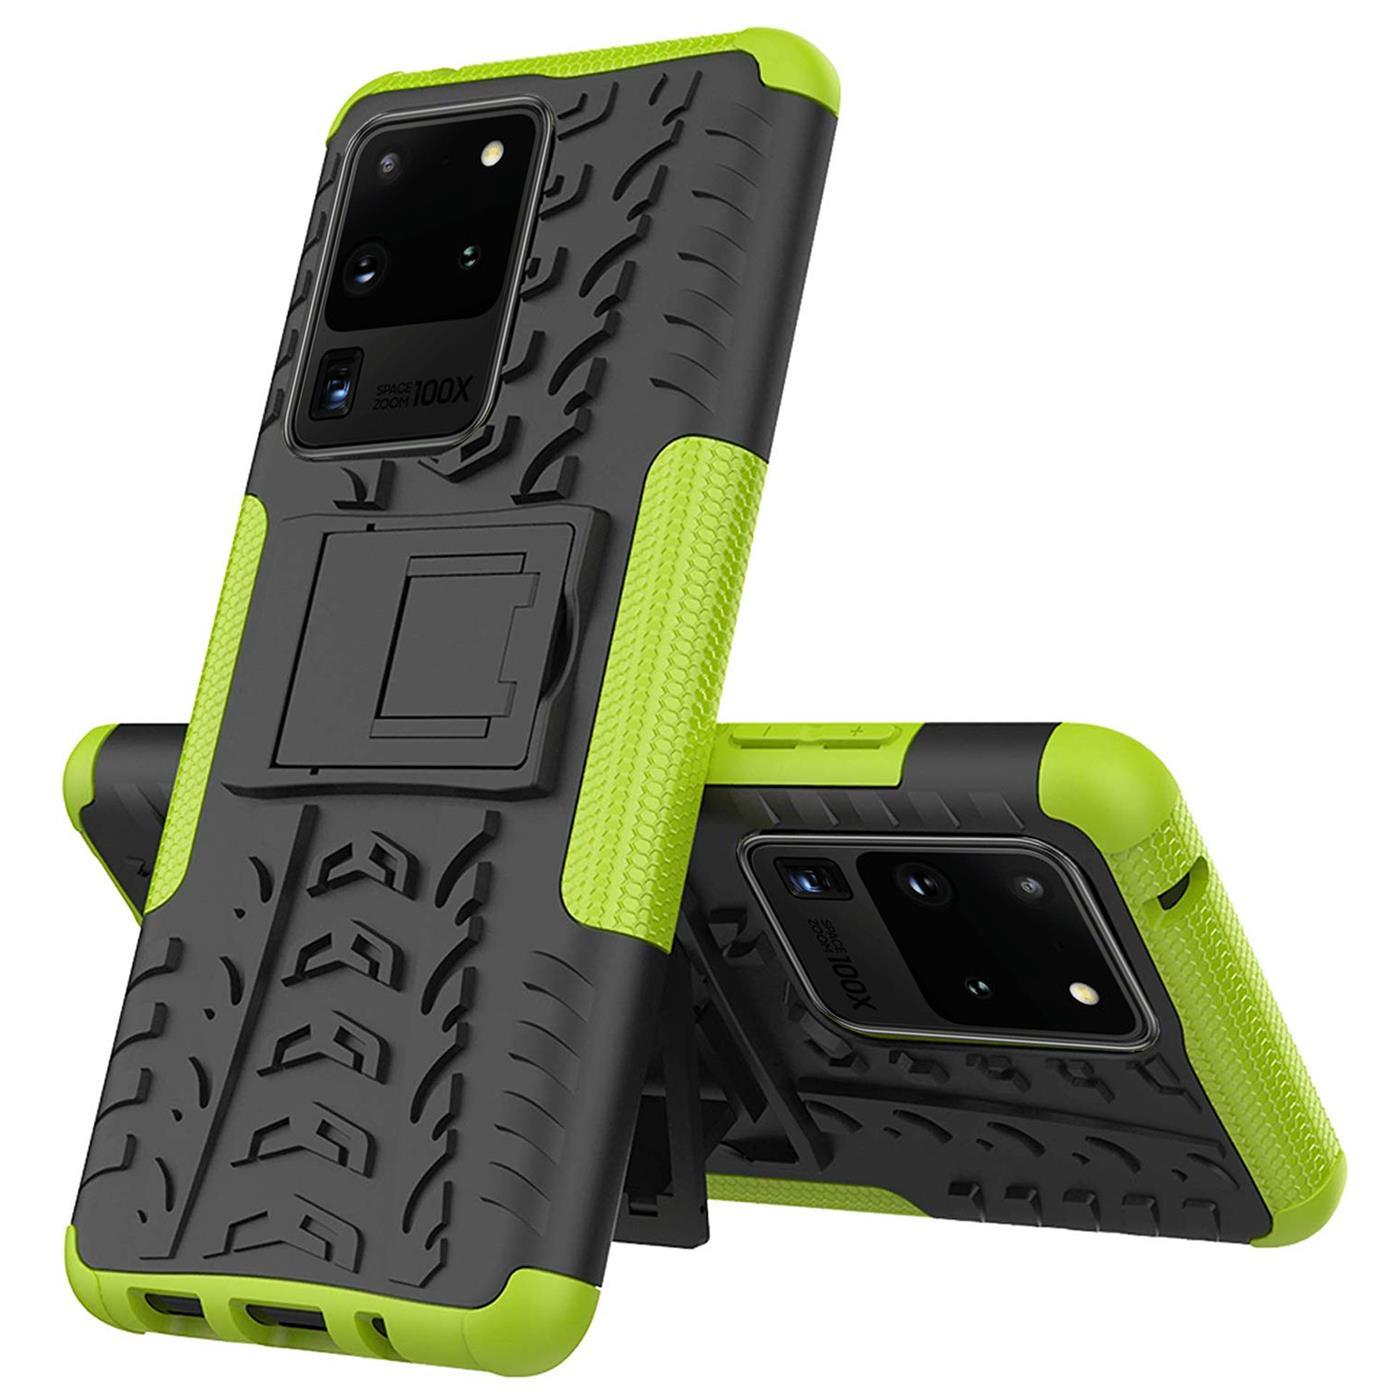 Samsung-Galaxy-S20-Serie-Schutzhuelle-Rugged-Handy-Tasche-Robust-Outdoor-Cover Indexbild 16